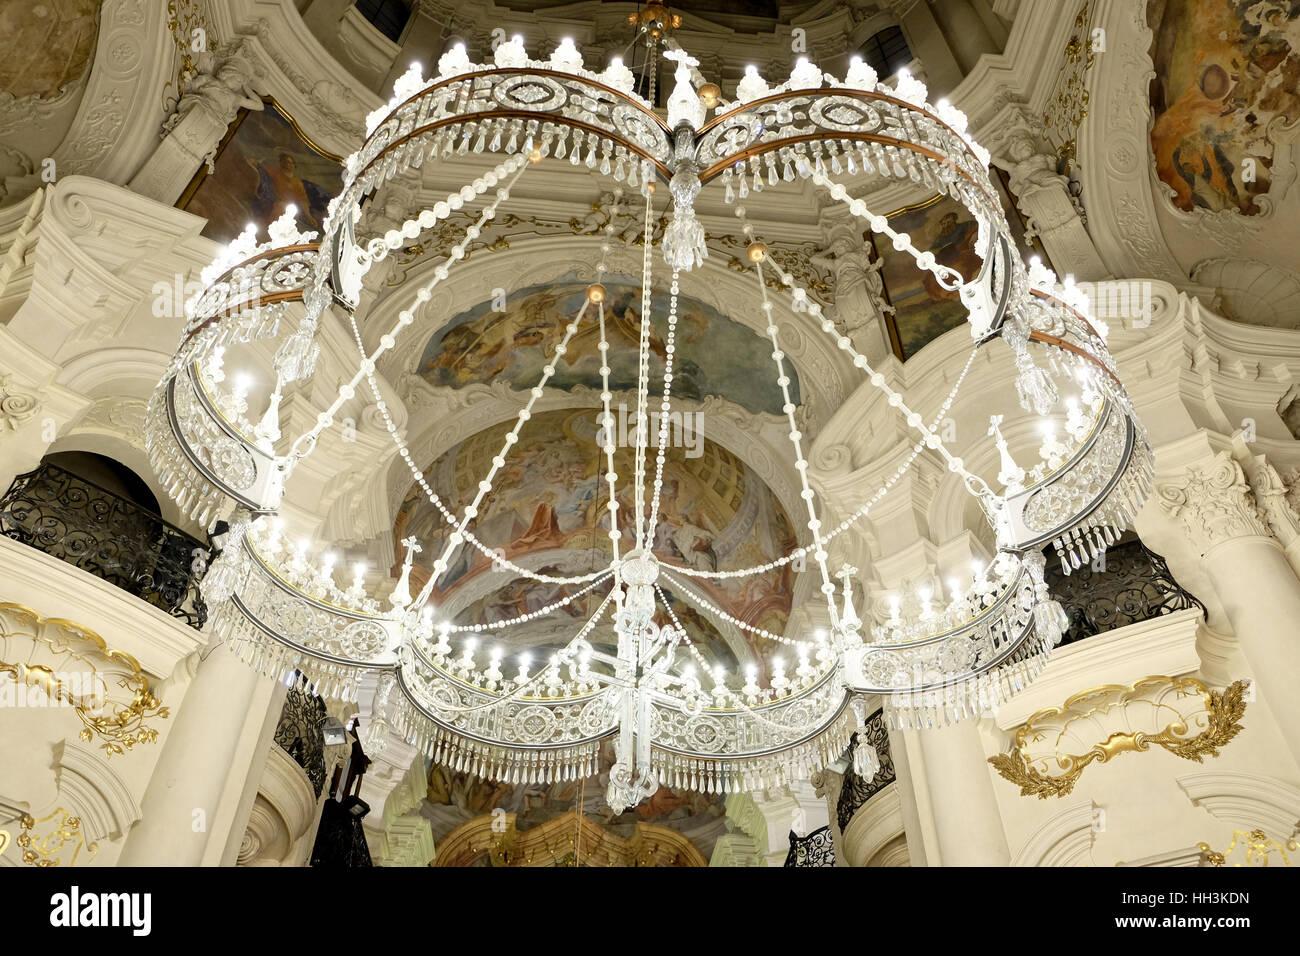 Kristall Kronleuchter Bohemia ~ Aa czech glass kristall kronleuchter